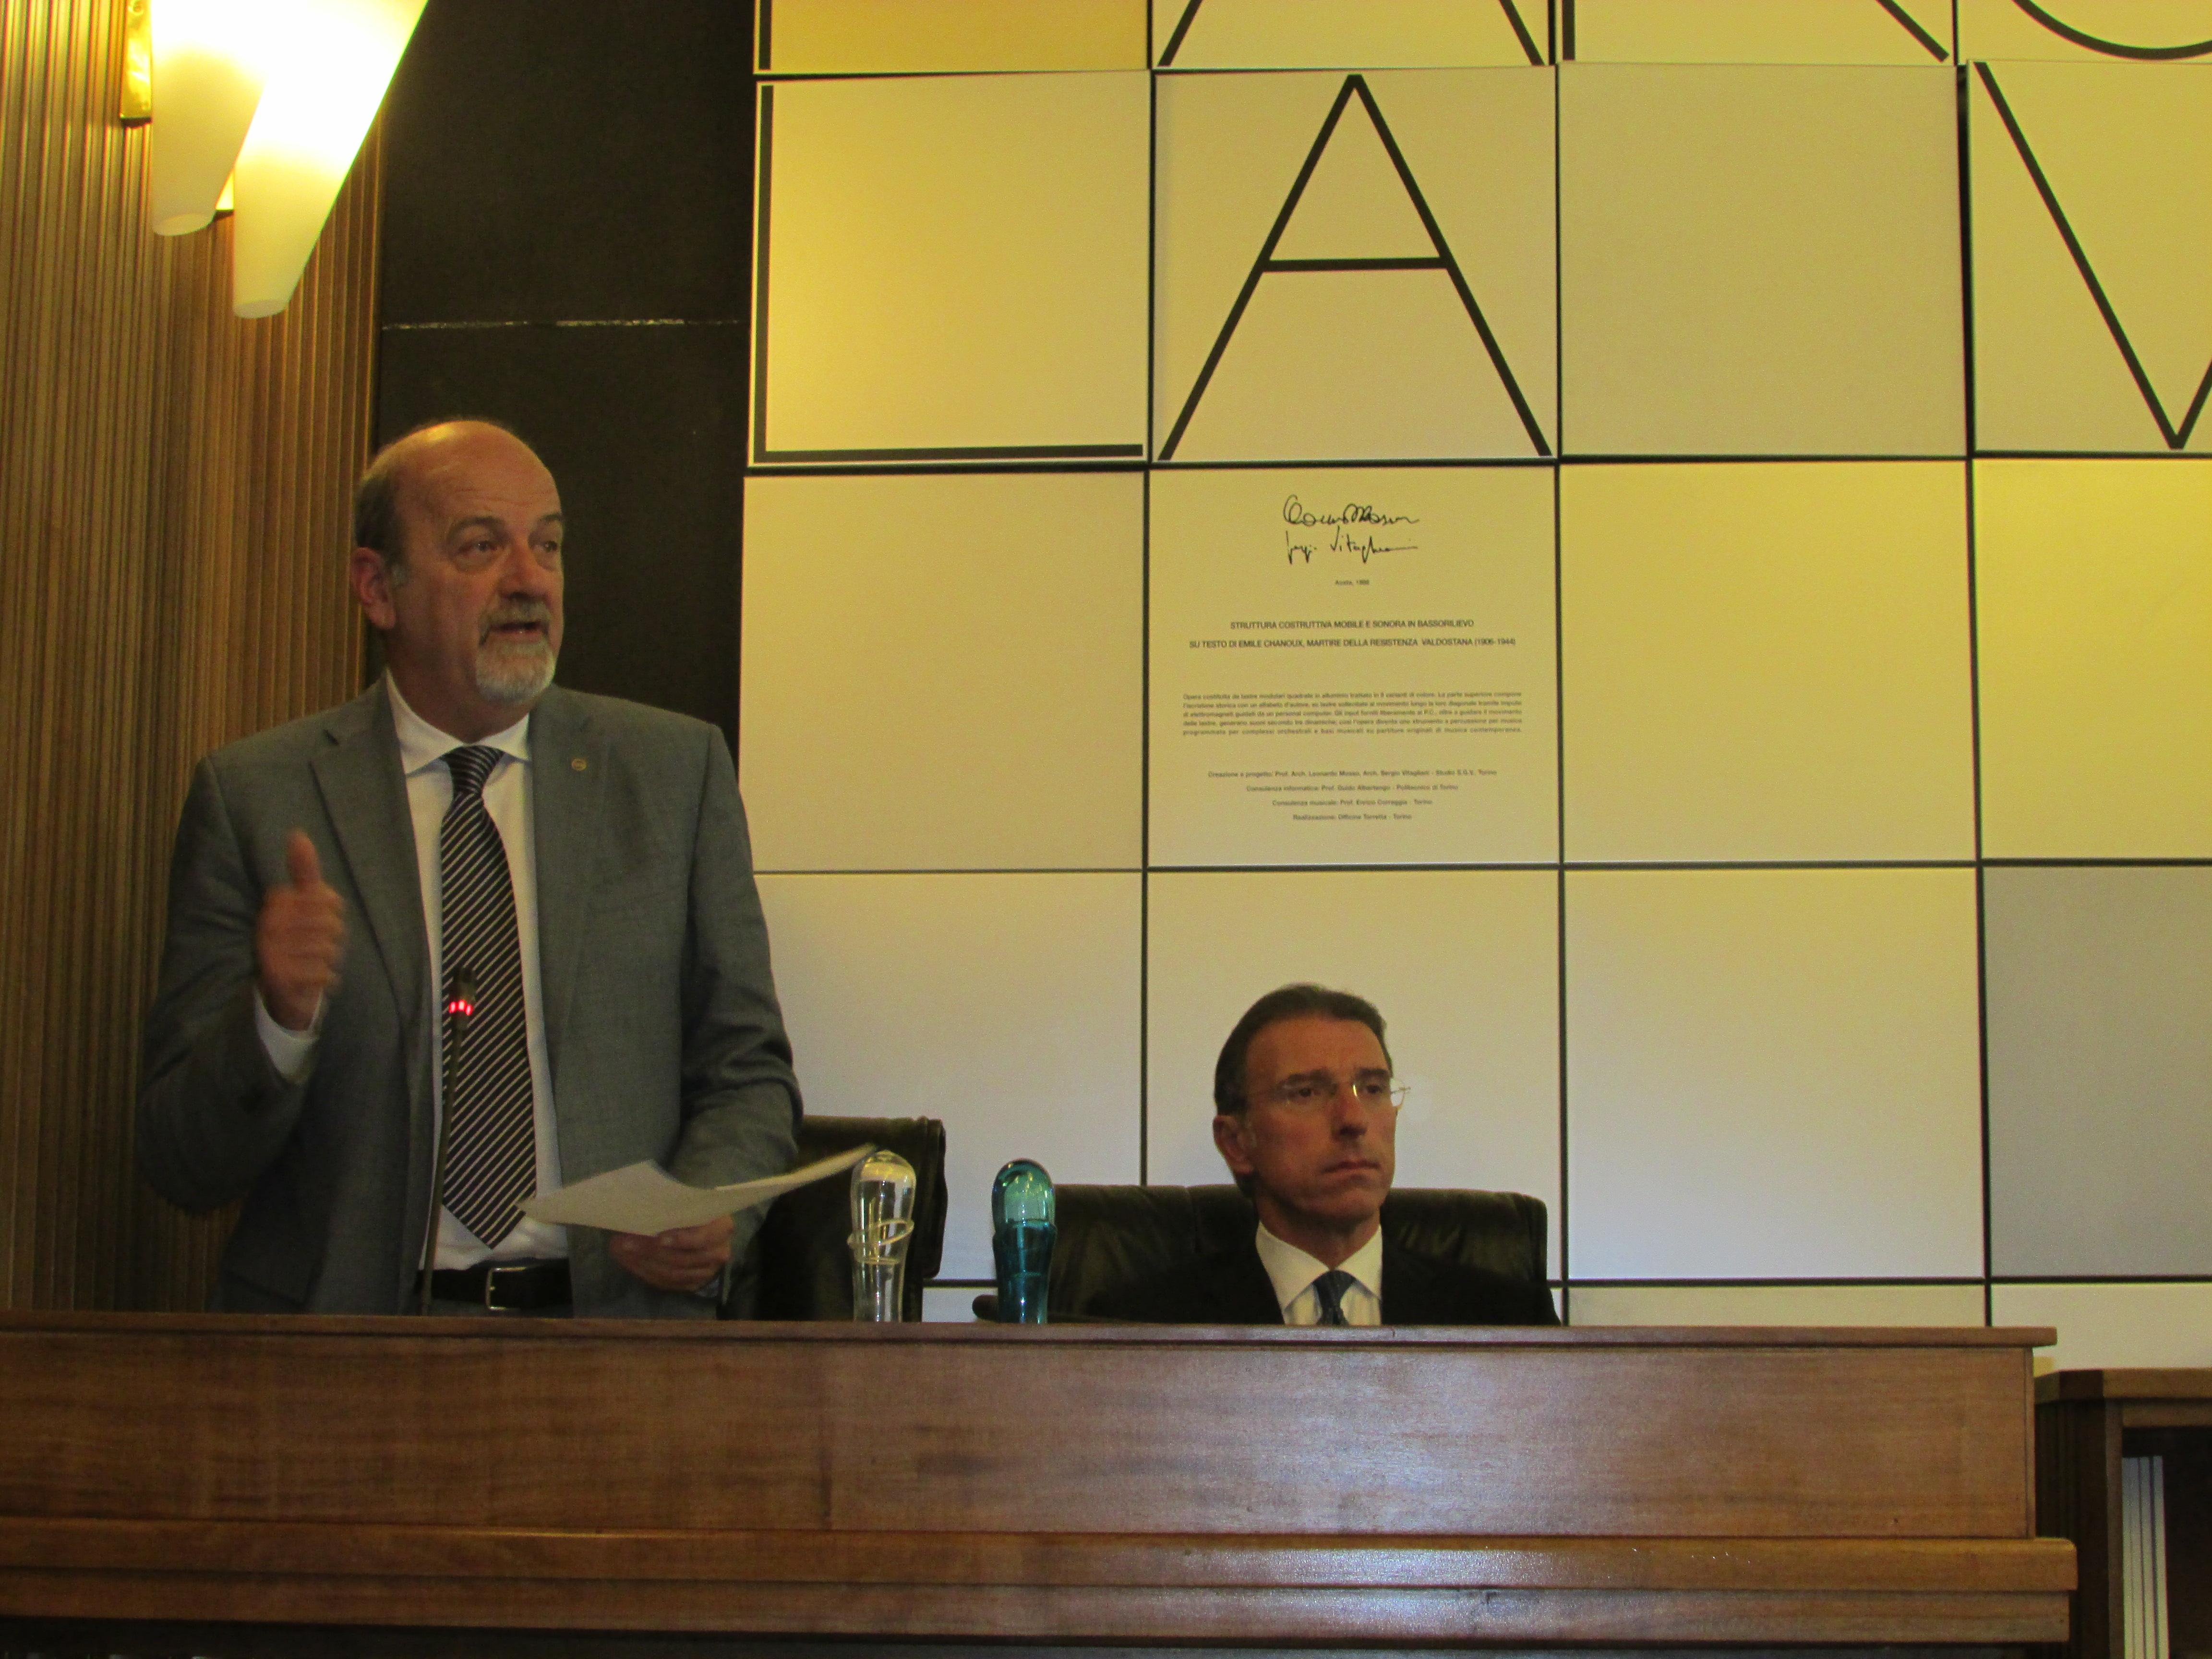 Ultime Notizie: COSTITUZIONE: Dibattito in Consiglio Valle; gli interventi dei Parlamentari Lanièce e Marguerettaz